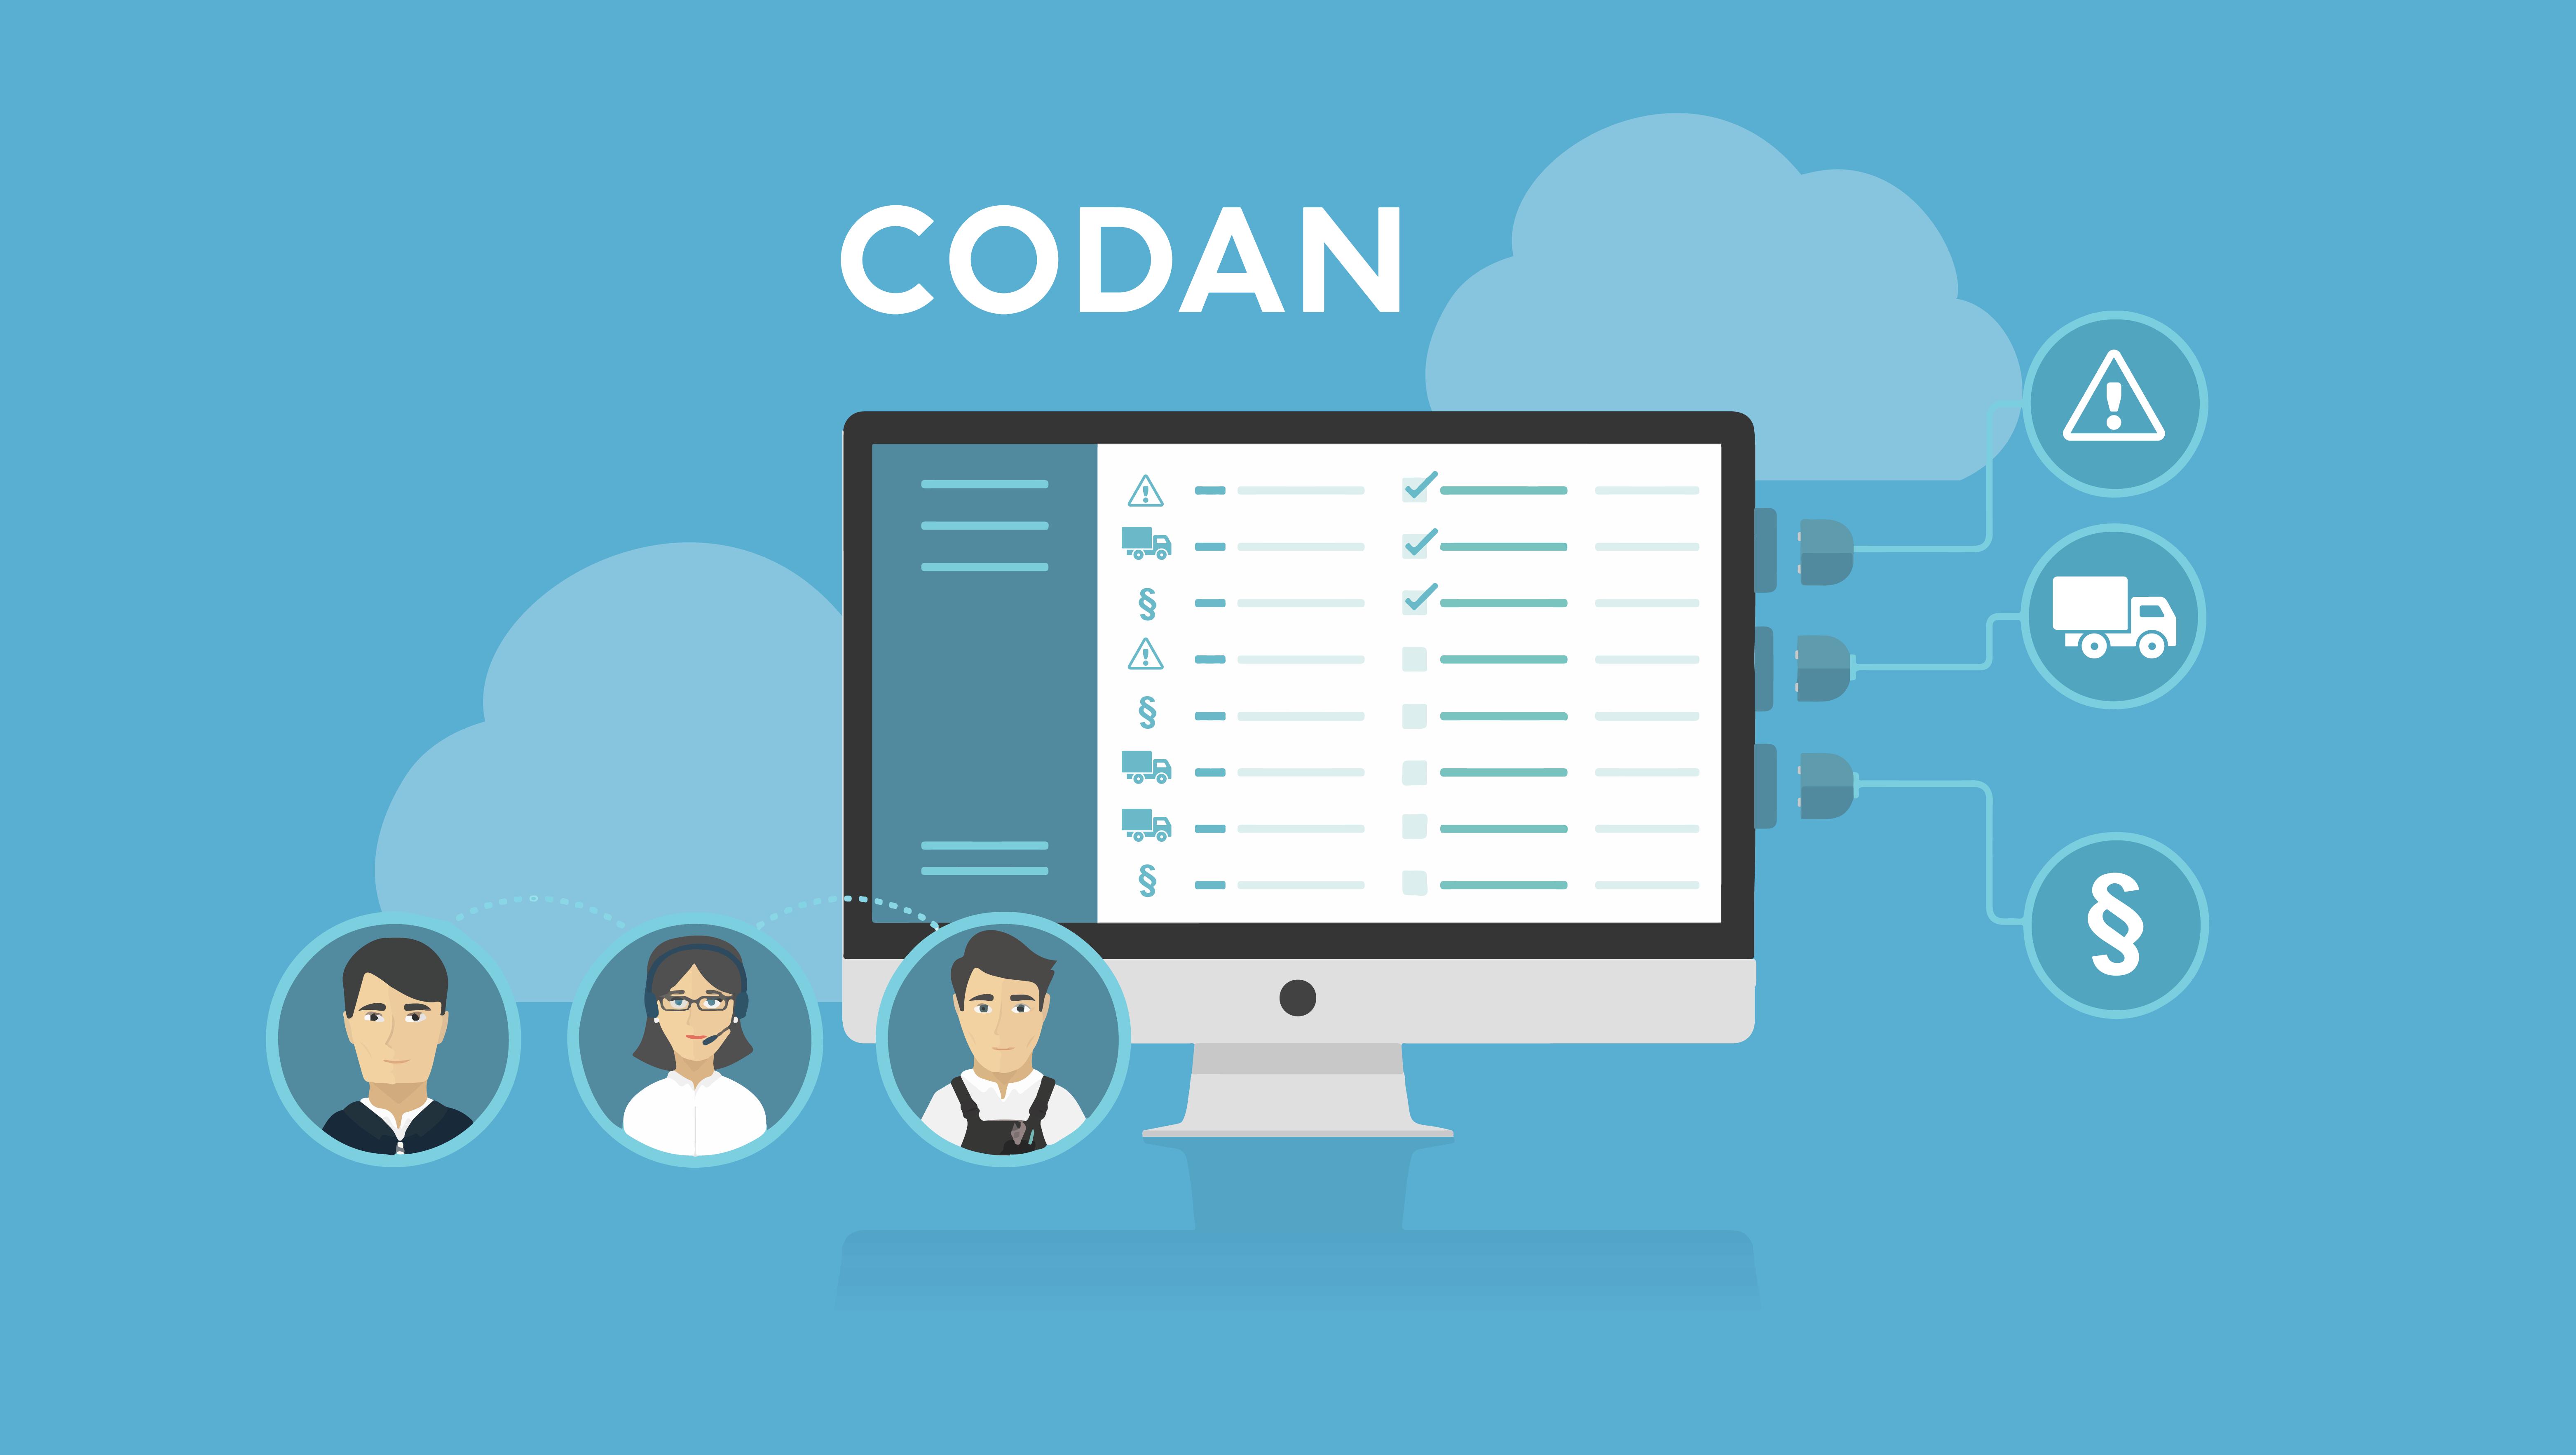 Codan tar ett jättesteg på sin digitala resa